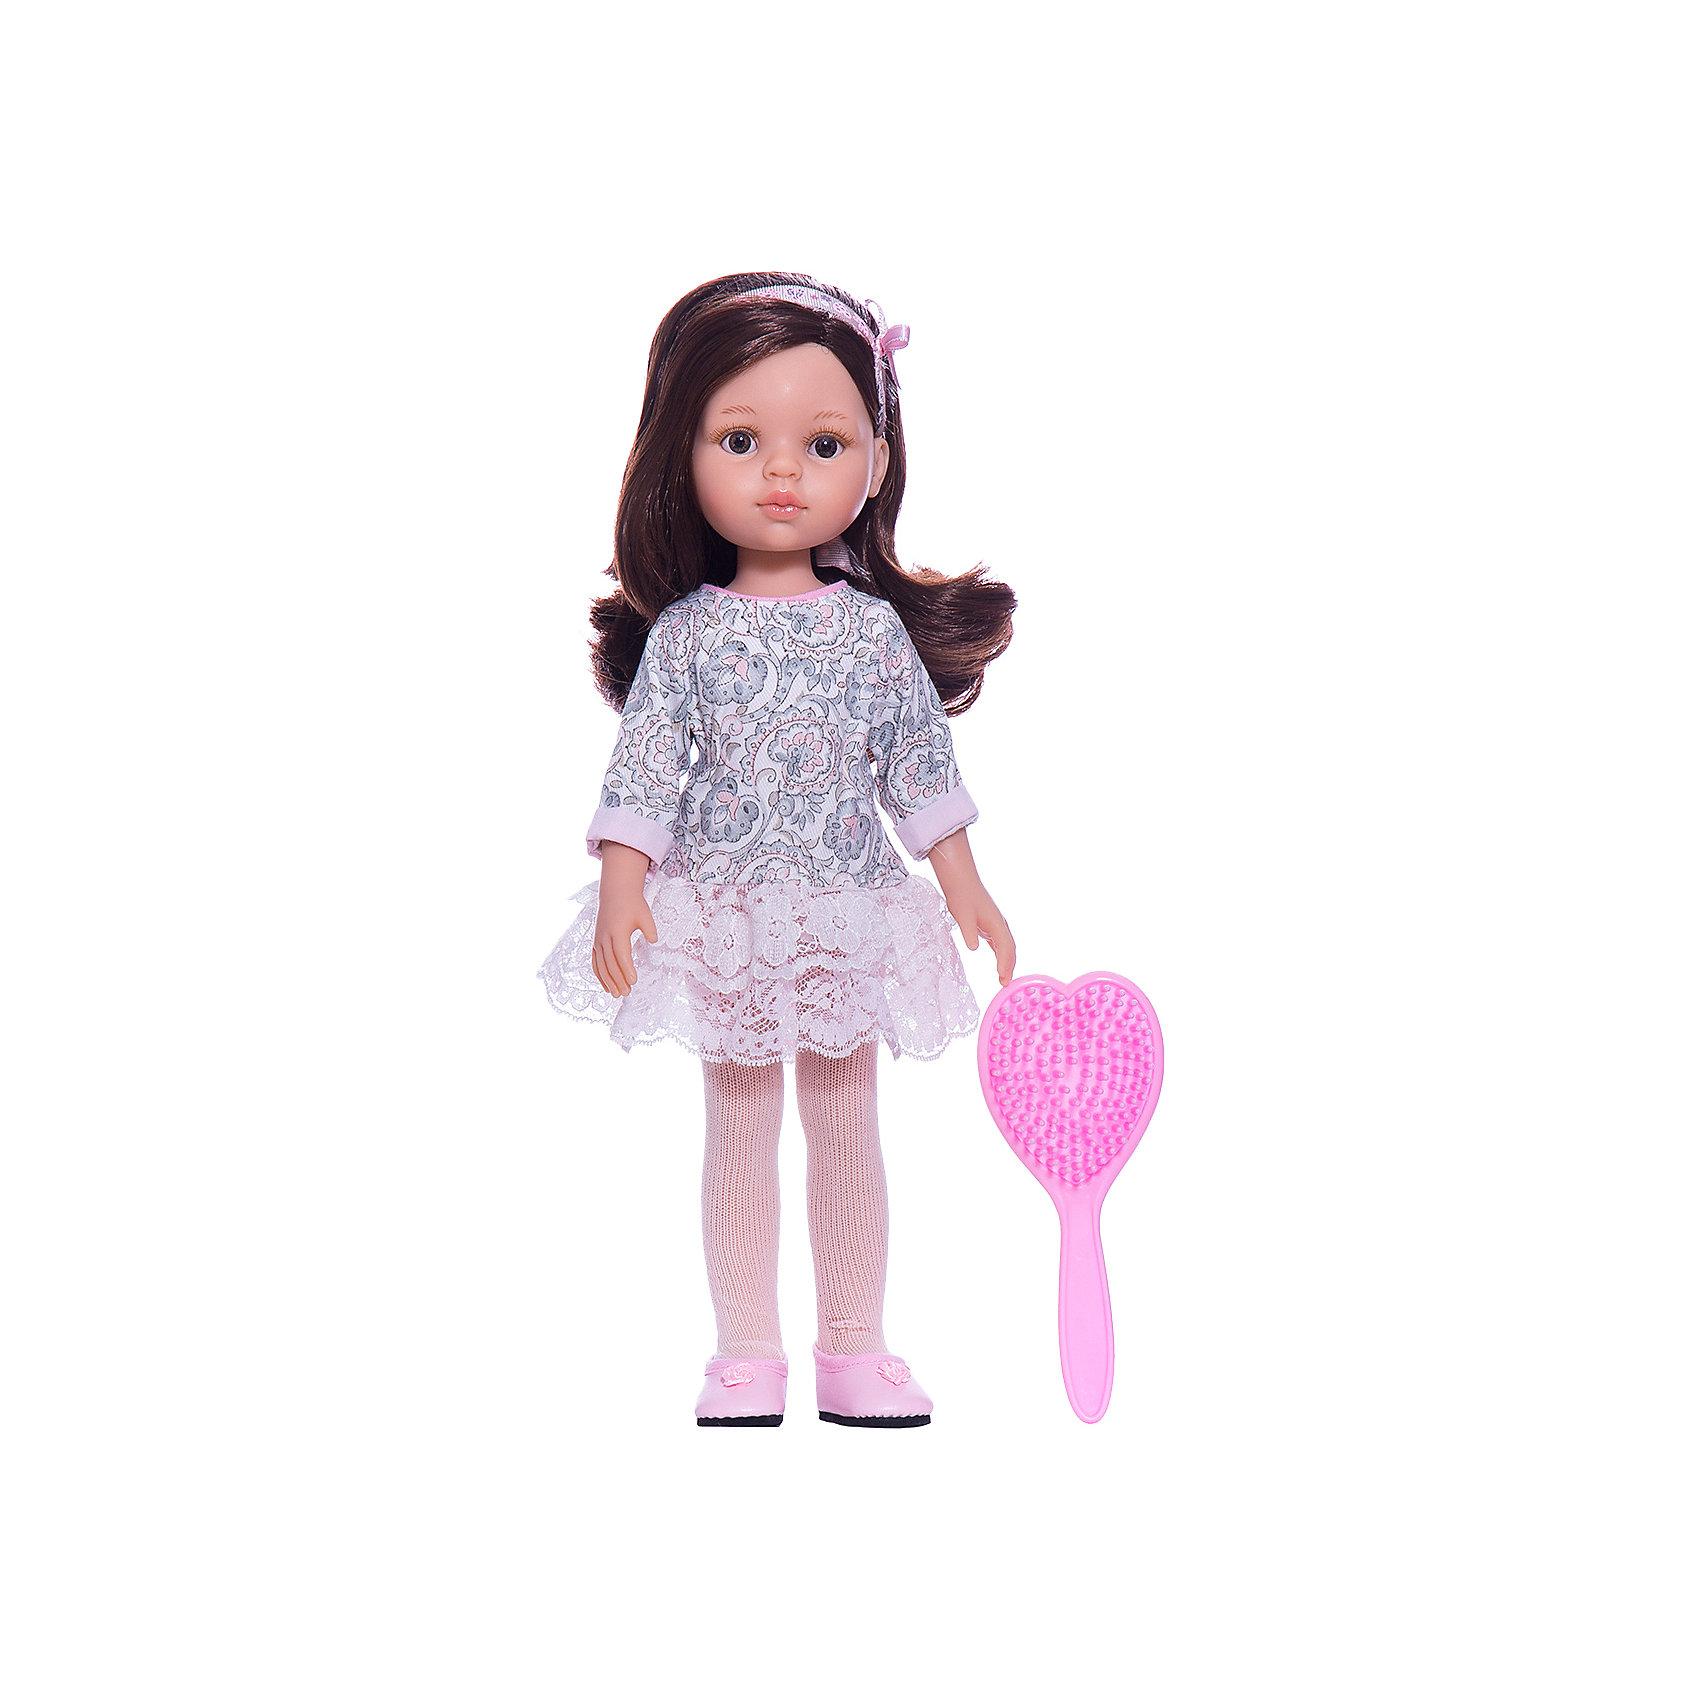 Кукла Кэрол, 32 см, Paola ReinaКуклы<br>Кукла изготовлена из винила; глаза выполнены в виде кристалла из прозрачного твердого пластика; волосы сделаны из высококачественного нейлона.<br><br>Ширина мм: 110<br>Глубина мм: 230<br>Высота мм: 410<br>Вес г: 667<br>Возраст от месяцев: 36<br>Возраст до месяцев: 144<br>Пол: Женский<br>Возраст: Детский<br>SKU: 4966352